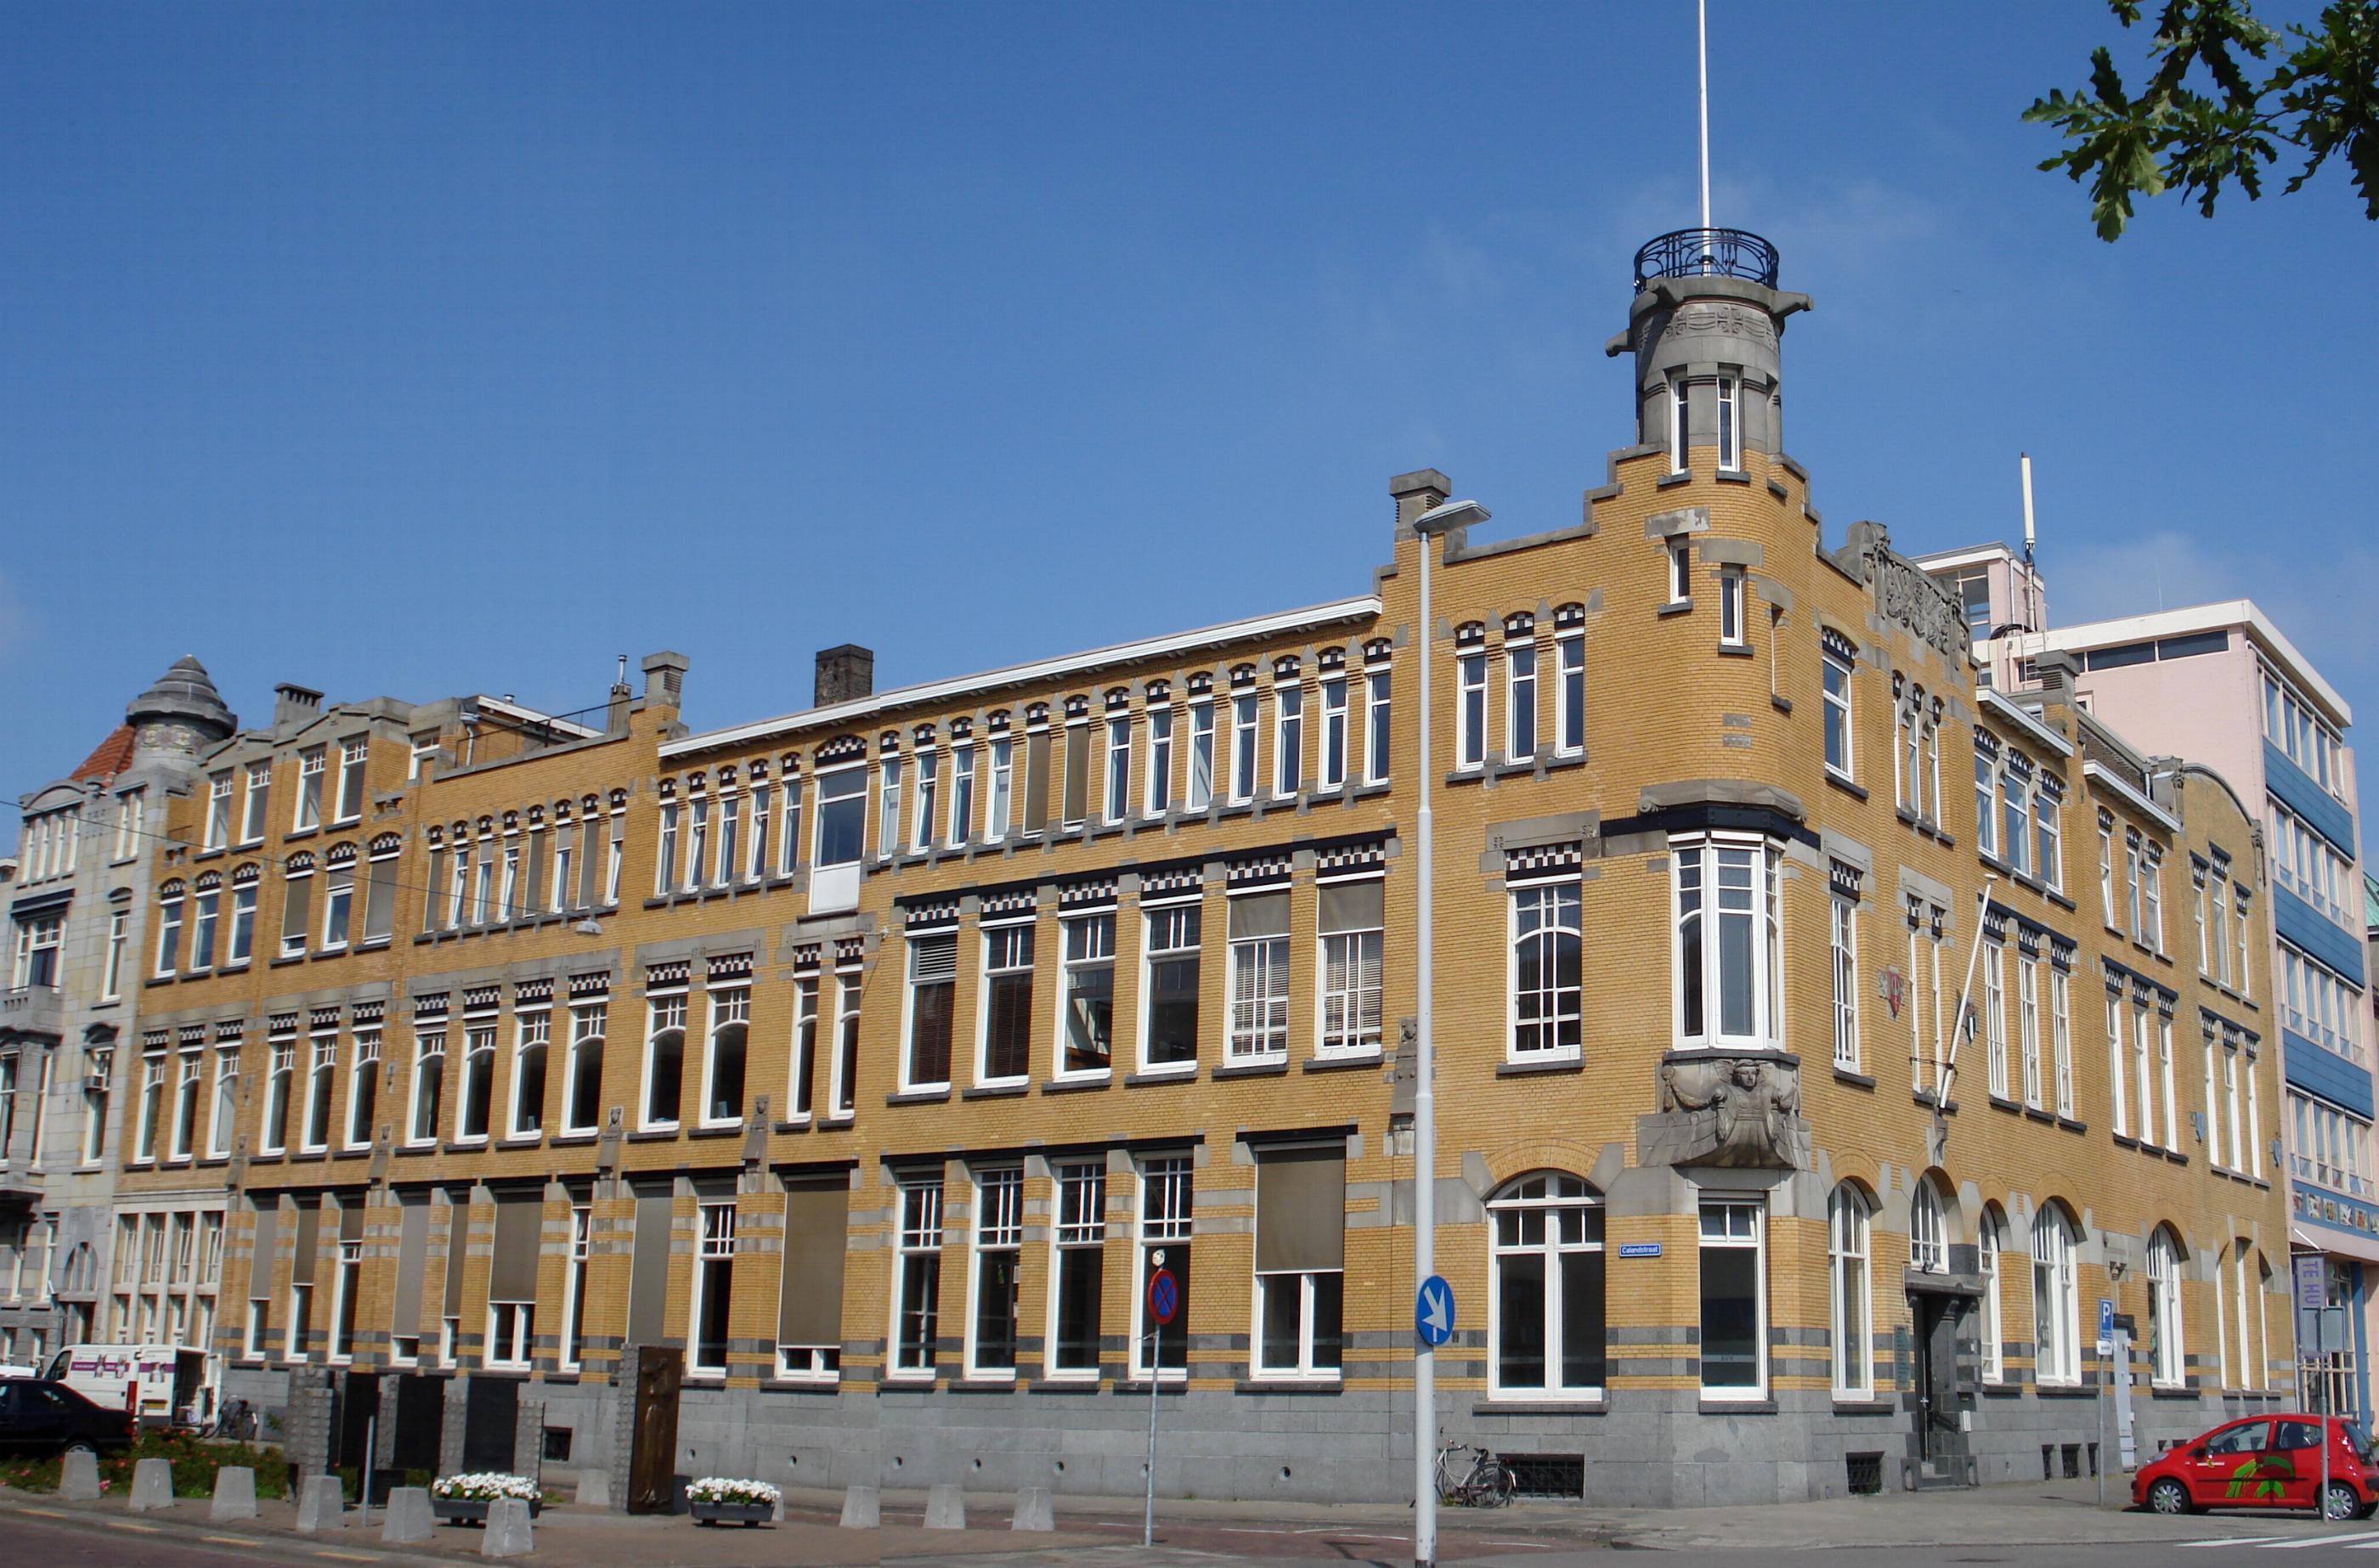 Voormalig kantoor rotterdamse lloyd in rotterdam for De lantaarn rotterdam